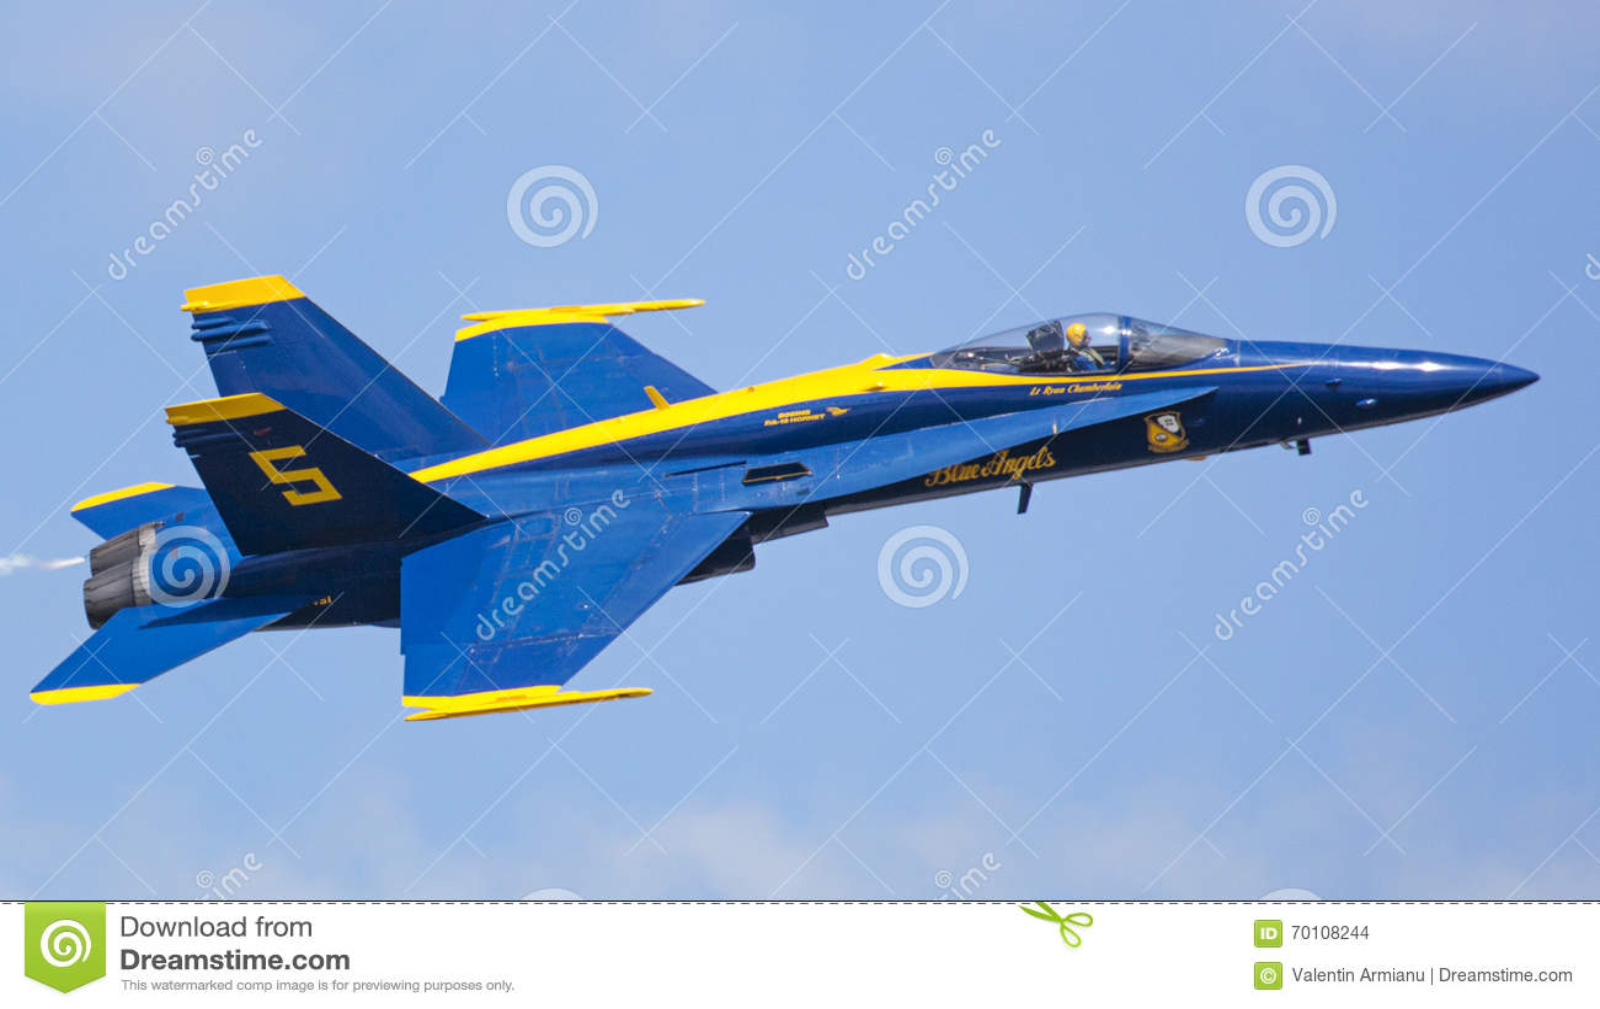 Aereo Da Caccia F15 : Calabrone militare dell aereo da caccia f immagine stock